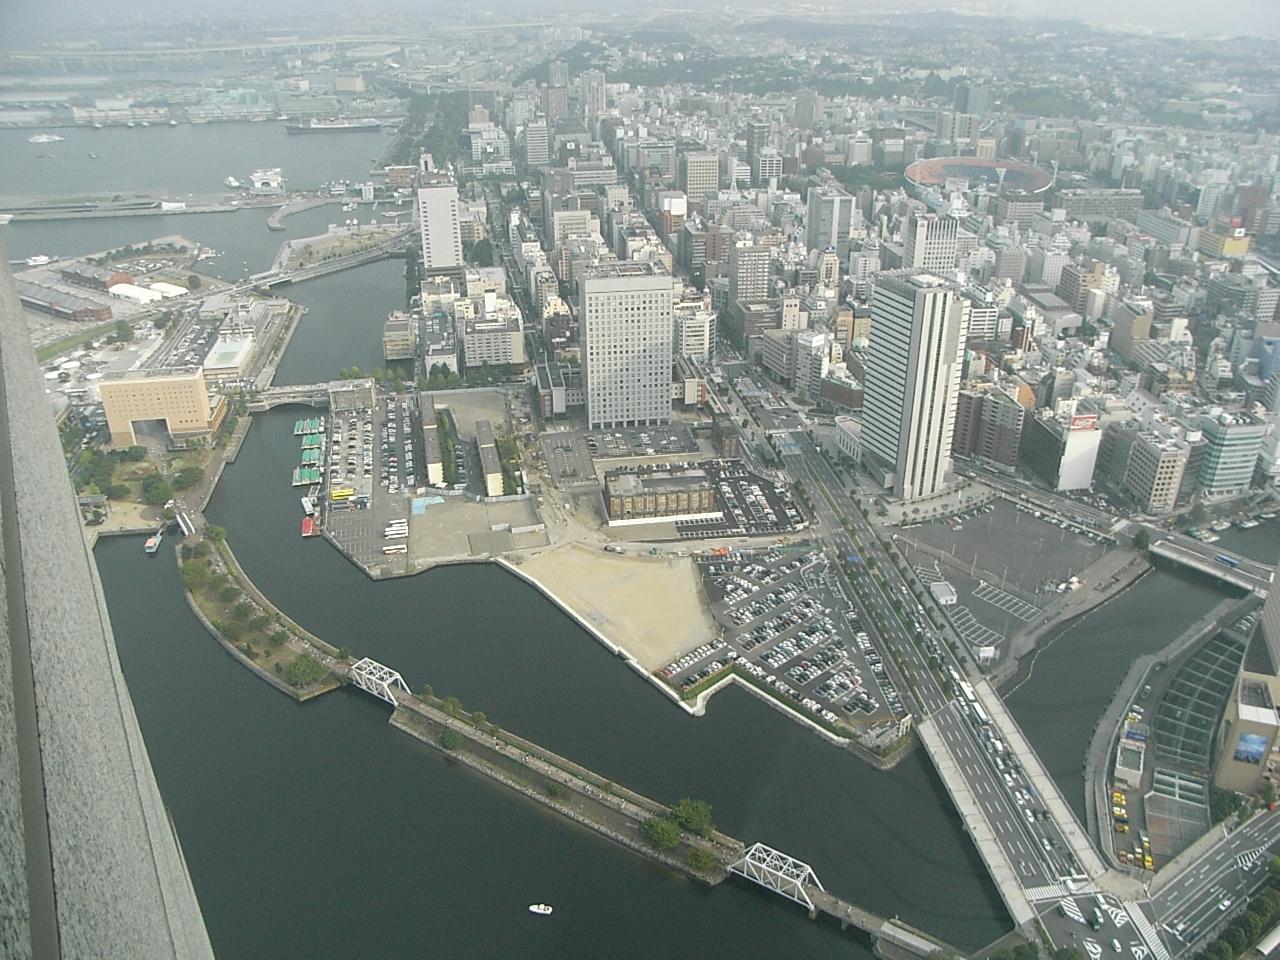 横浜の街の規模教えて下さいな [無断転載禁止]©2ch.netYouTube動画>10本 ->画像>255枚